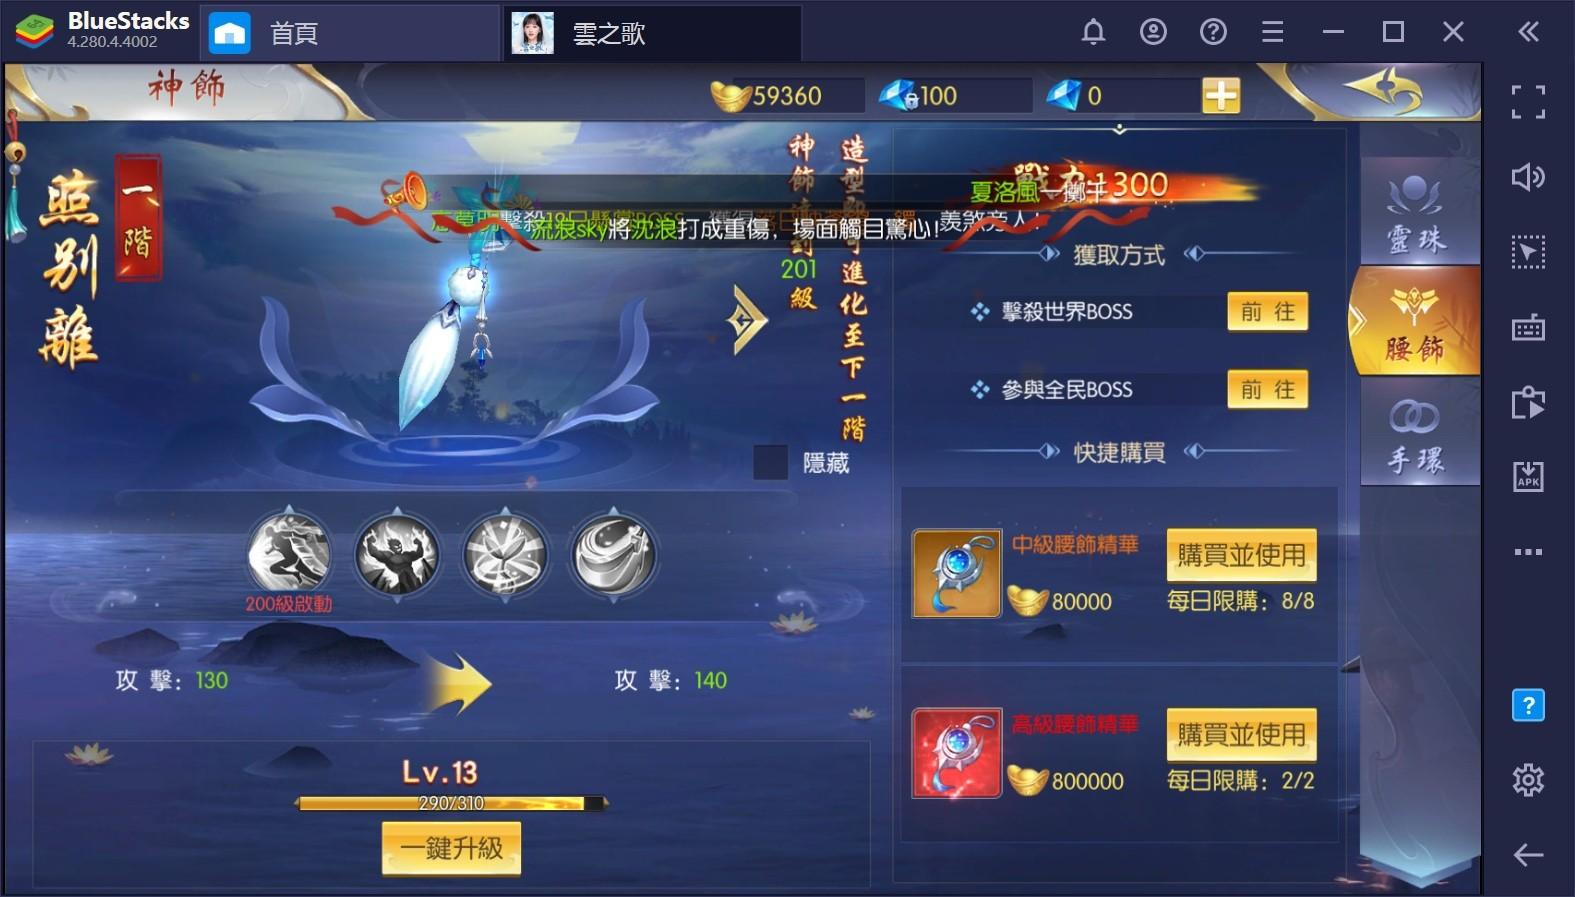 如何用BlueStacks在PC上玩手機遊戲《雲之歌》